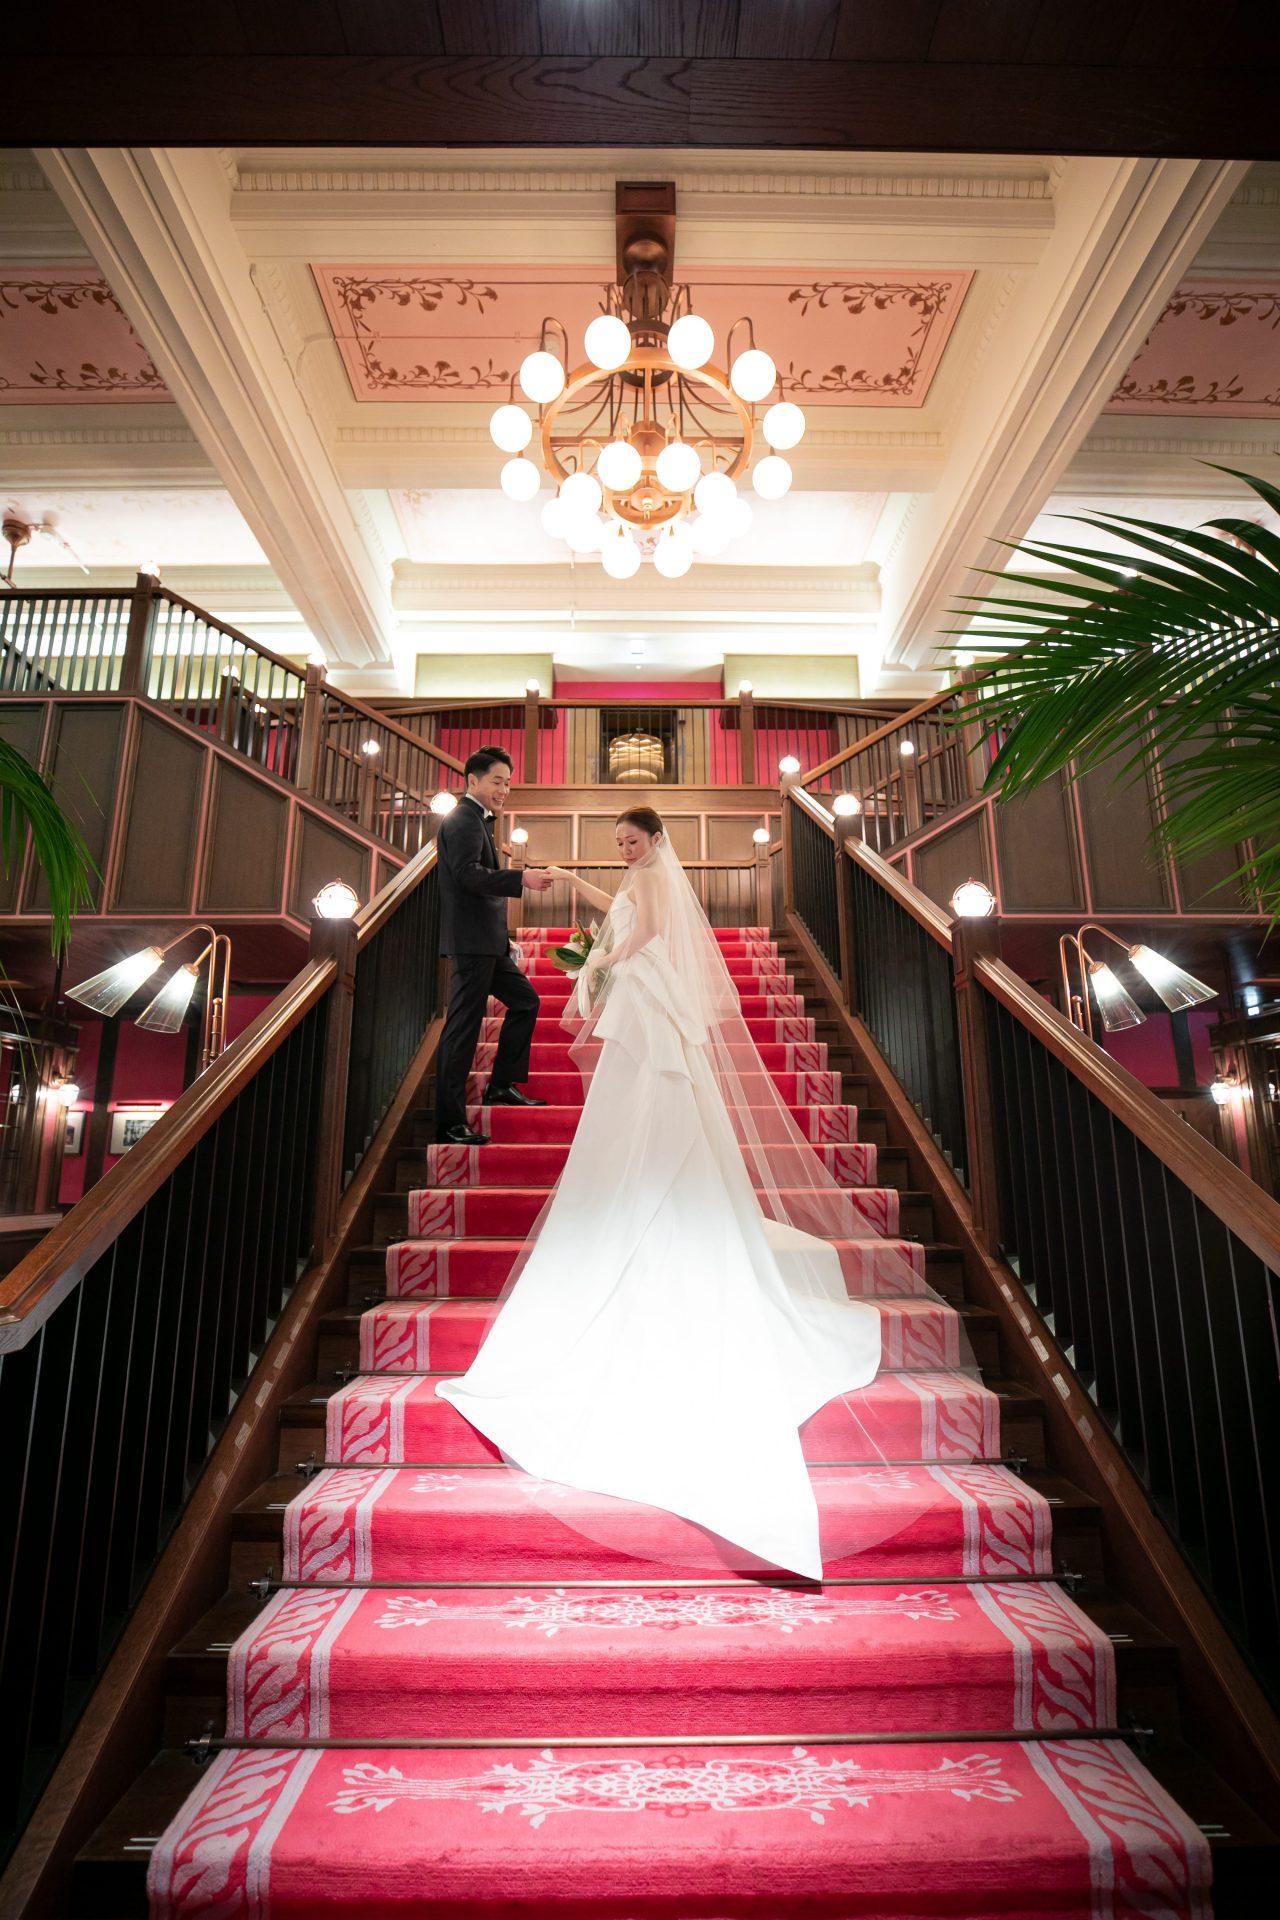 ザトリートドレッシング名古屋店のウェディングドレスでザ・コンダーハウスの大階段での撮影